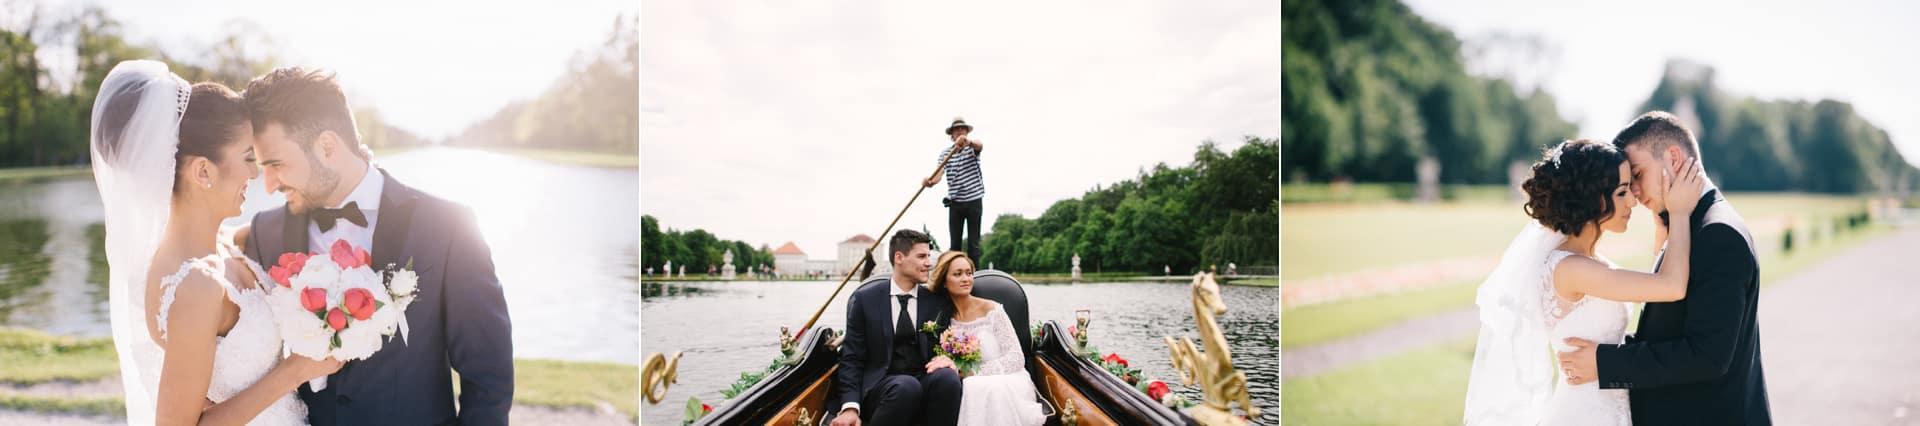 Hochzeitspaar Fotoshooting am Schloss Nymphenburg eines der besten Fotolocations für Hochzeitspaare